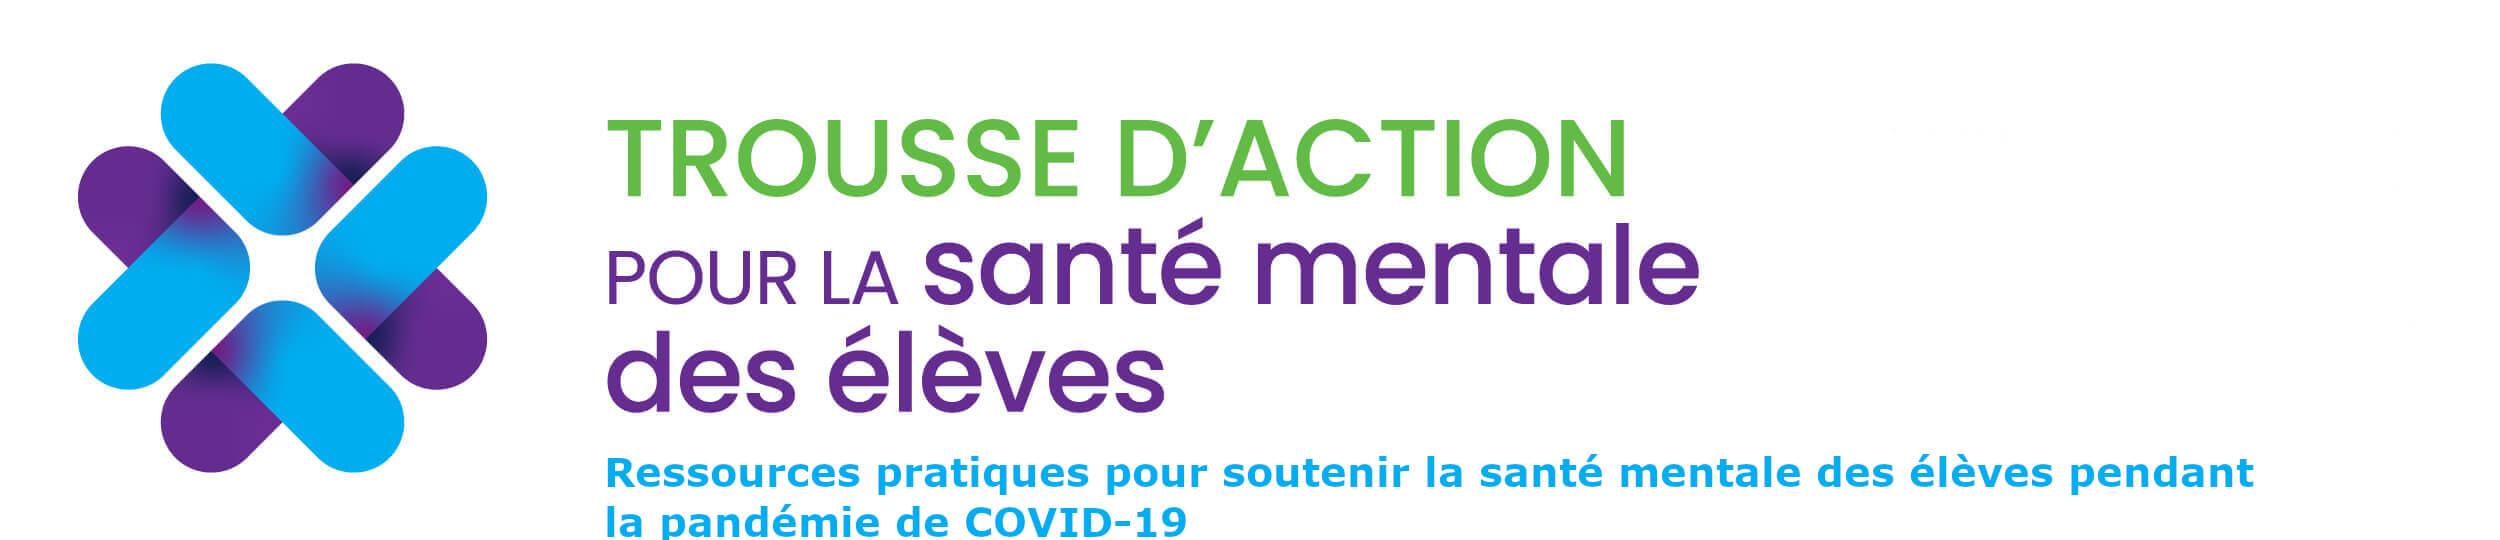 Trousse d'action pour la santé mentale des élèves Ressources pratiques pour soutenir la santé mentale des élèves pendant la pandémie de COVID-19